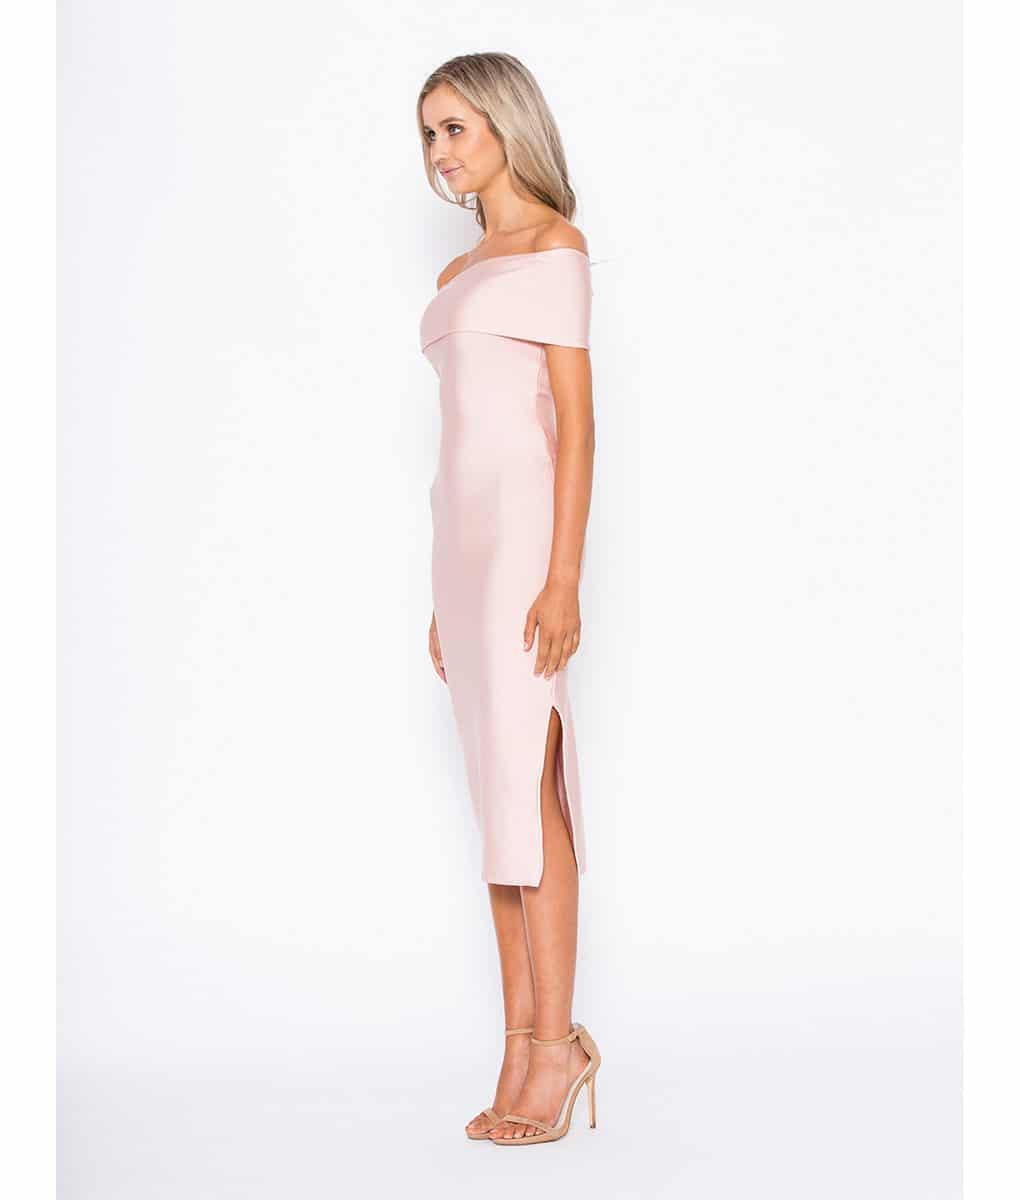 f8cdcb350e4 Alila Boutique Blush Bardot Bodycon Midi dress